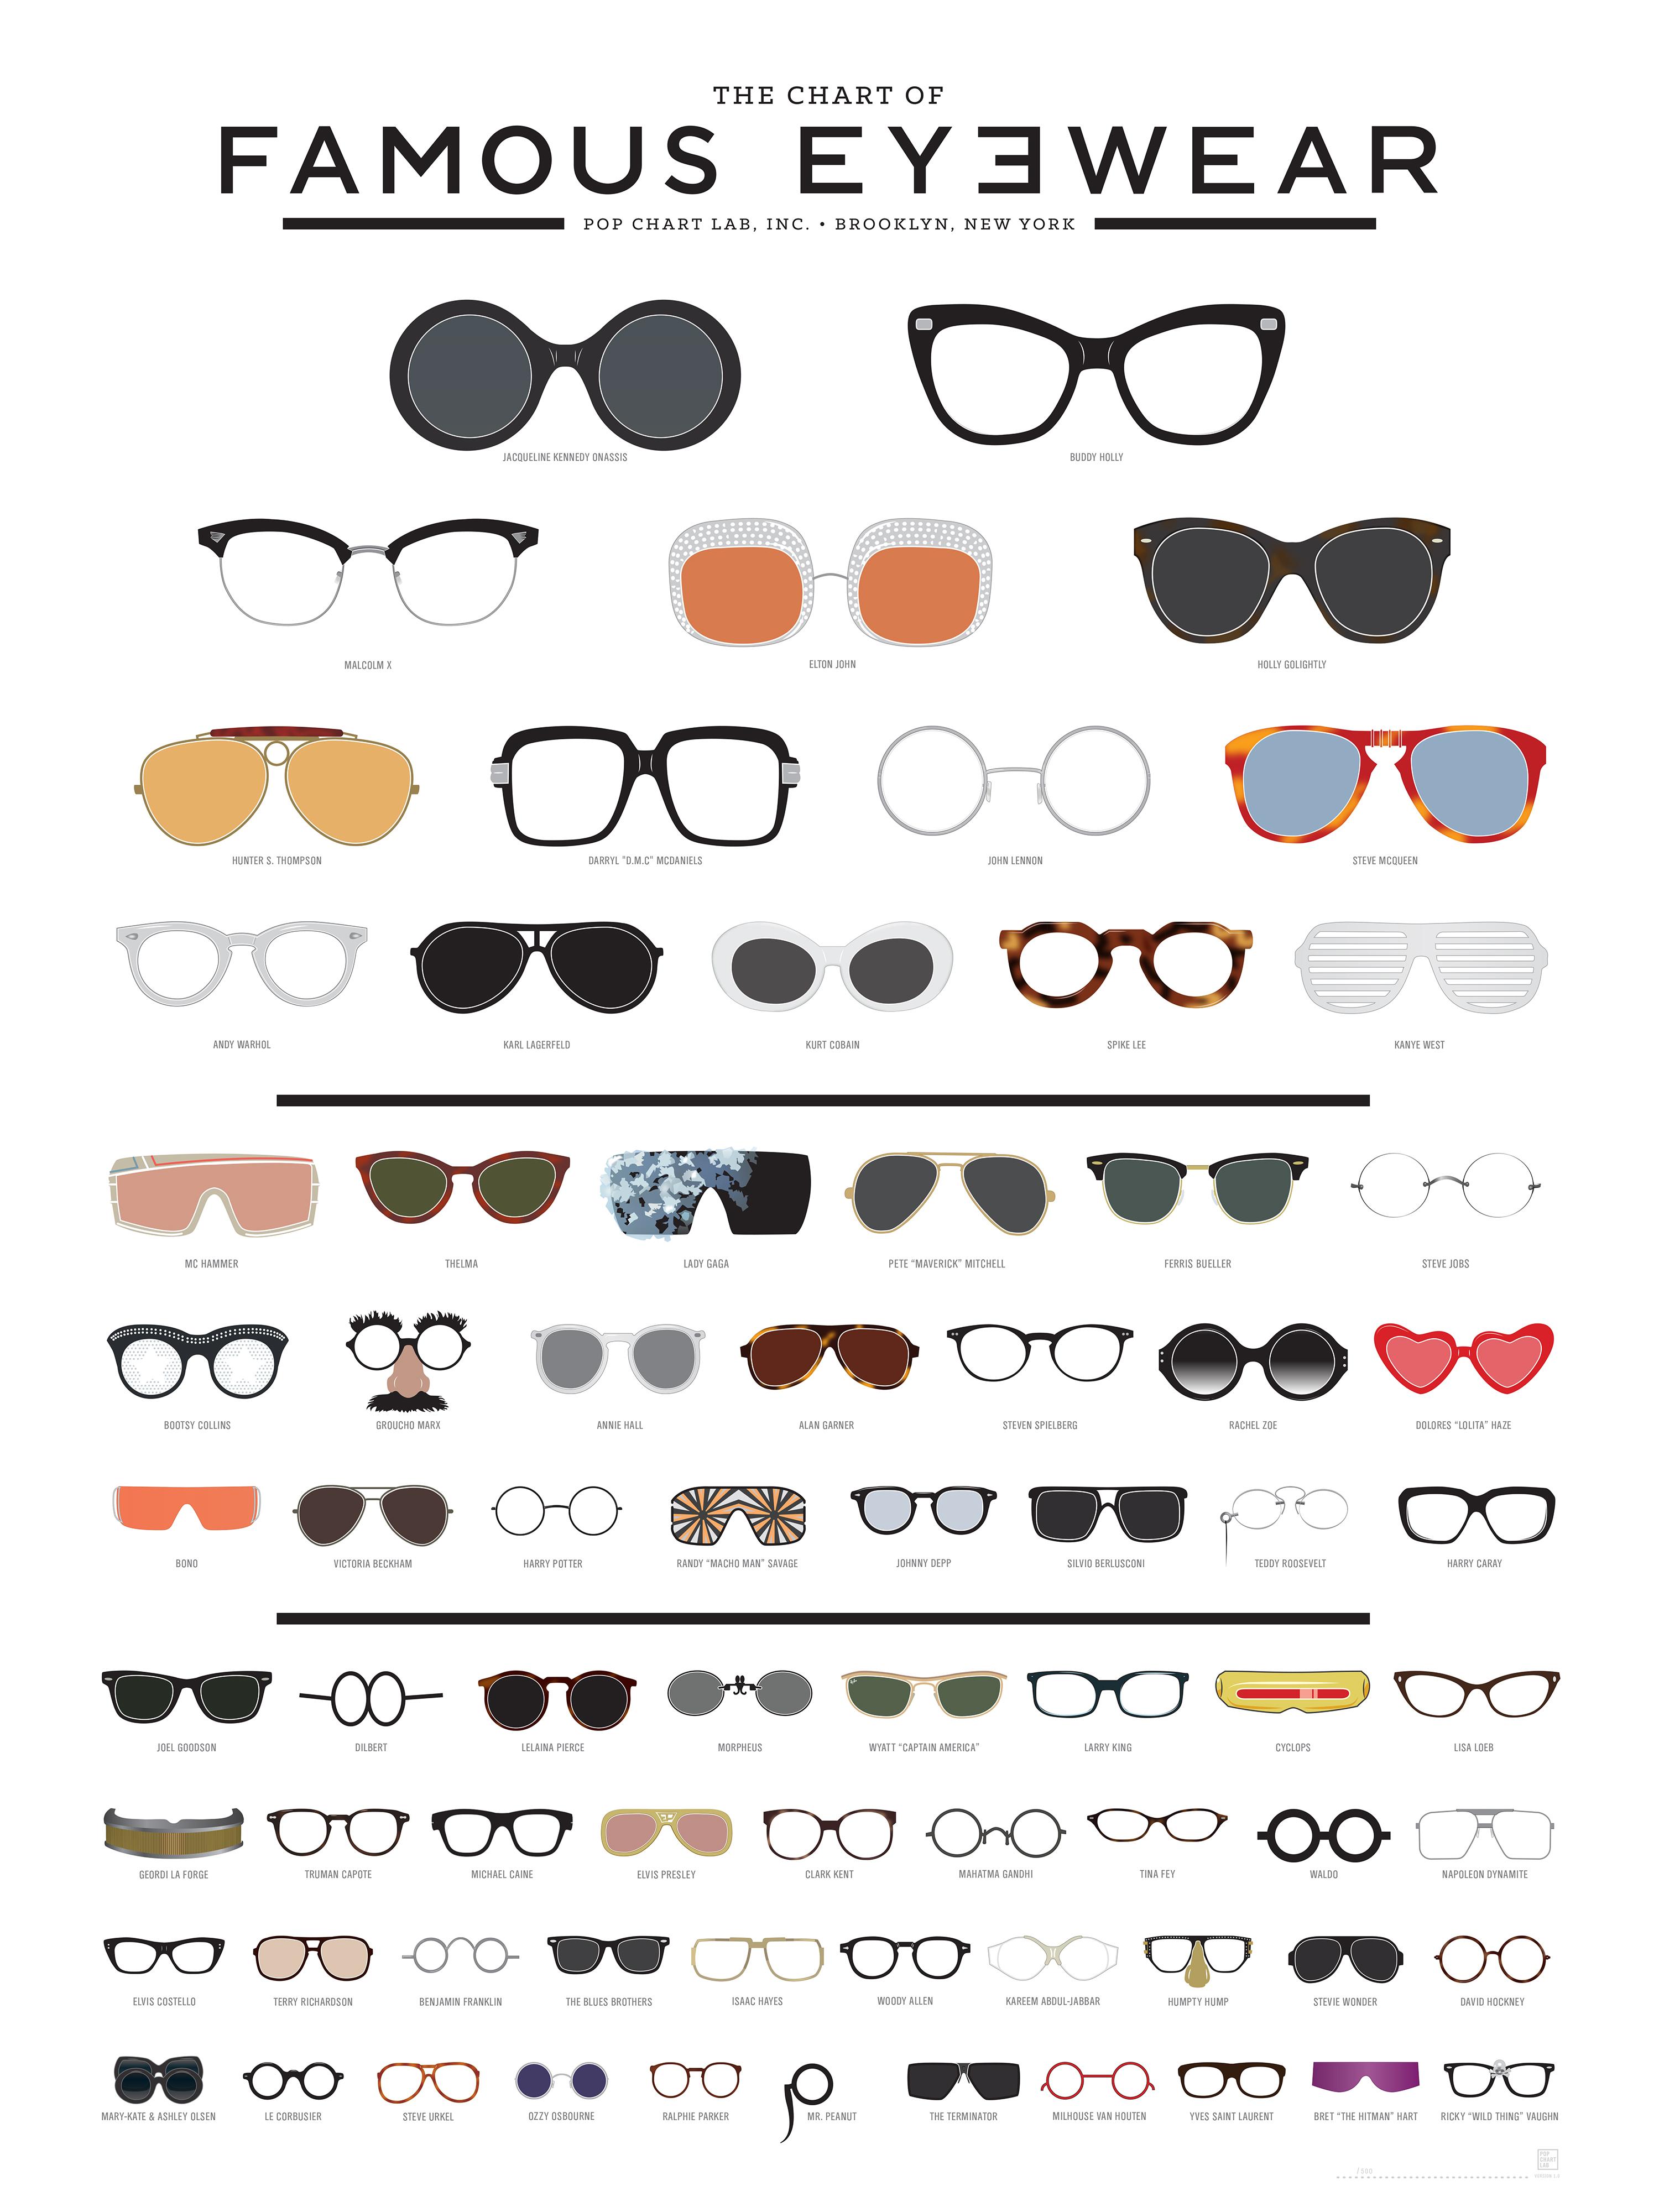 occhiale da sole infografica